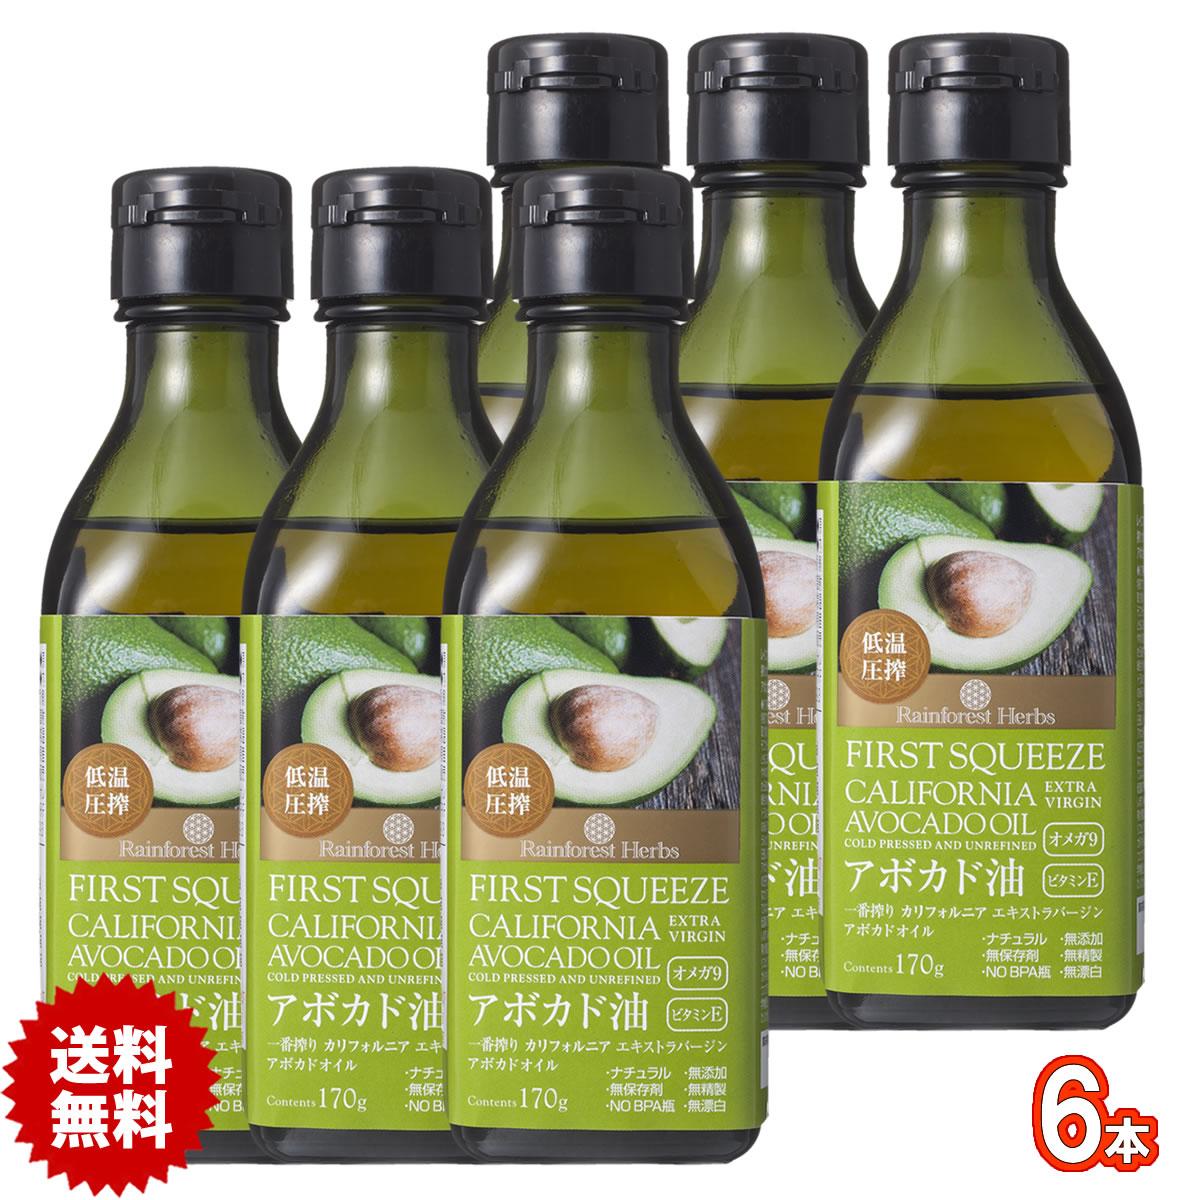 日本で充填 酸化防止と鮮度にこだわりました ビタミンE 公式 必須脂肪酸が豊富 カリフォルニア アボカドオイル 170g 6本 エキストラ Extra 未精製 California いよいよ人気ブランド Virgin 低温圧搾一番搾り Avocado バージン Oil